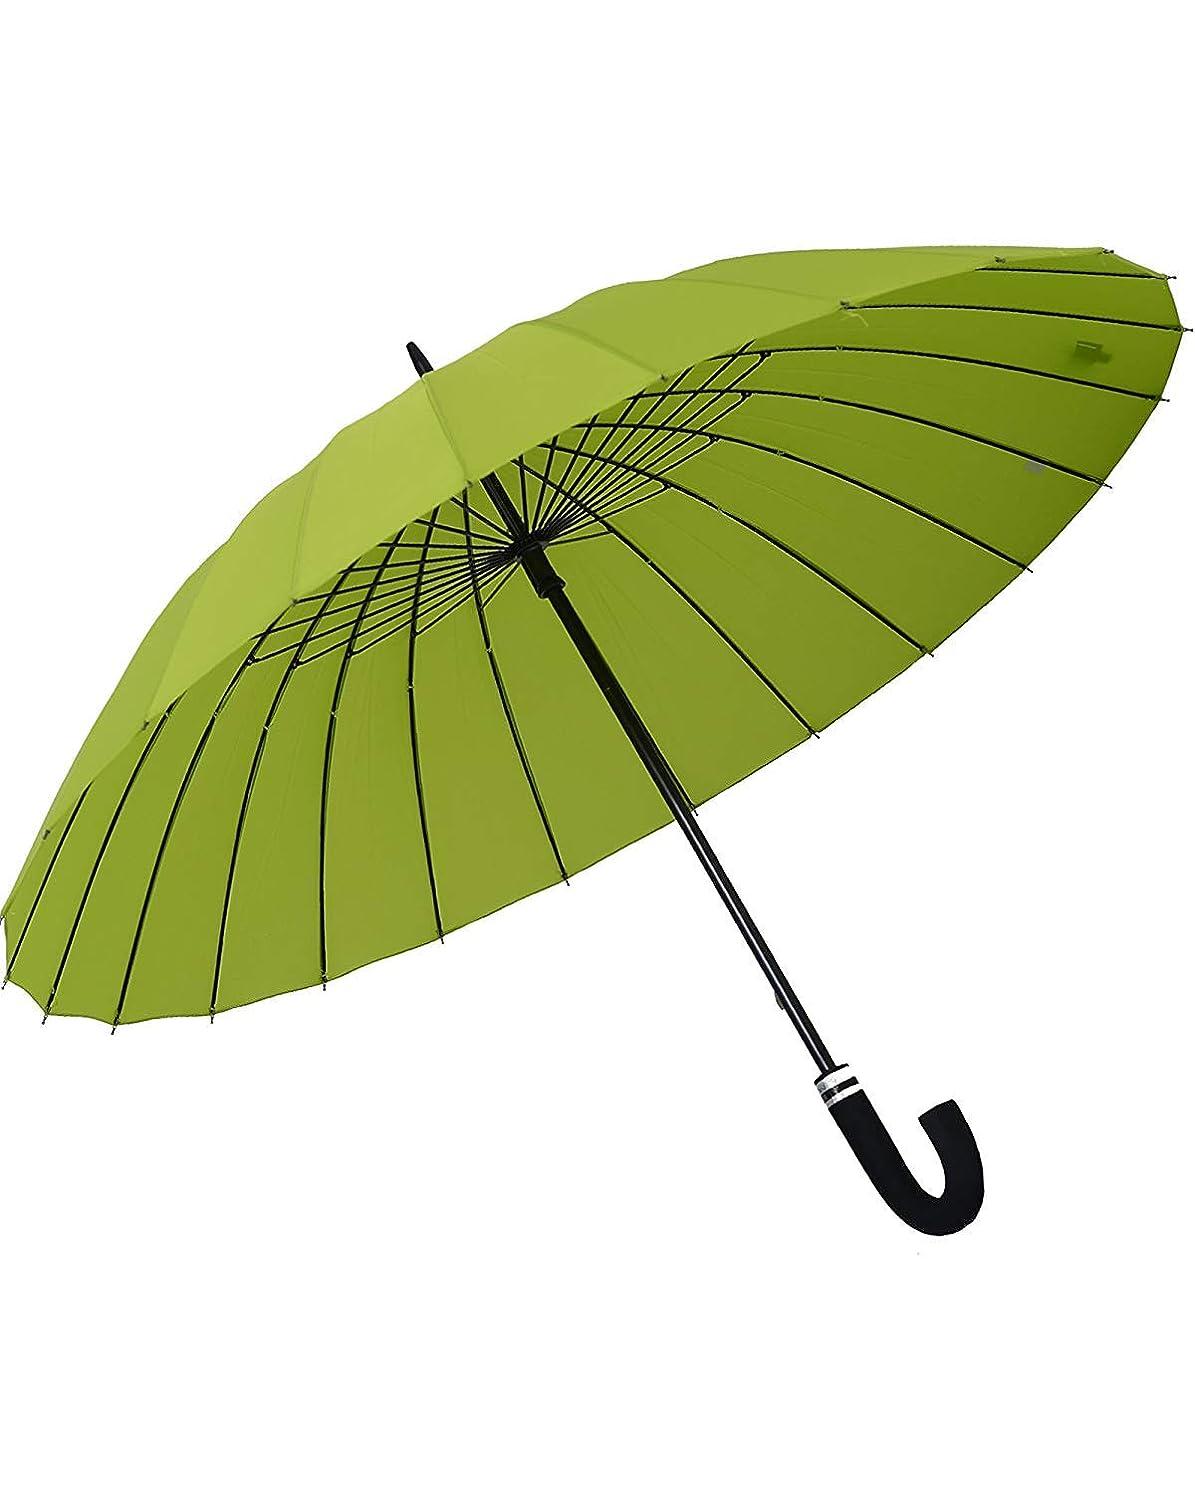 救出混沌そうでなければOrienex 長傘 レディース傘 高強度24本骨 紳士傘 雨に濡れると花が浮き出る 全14色 (緑)